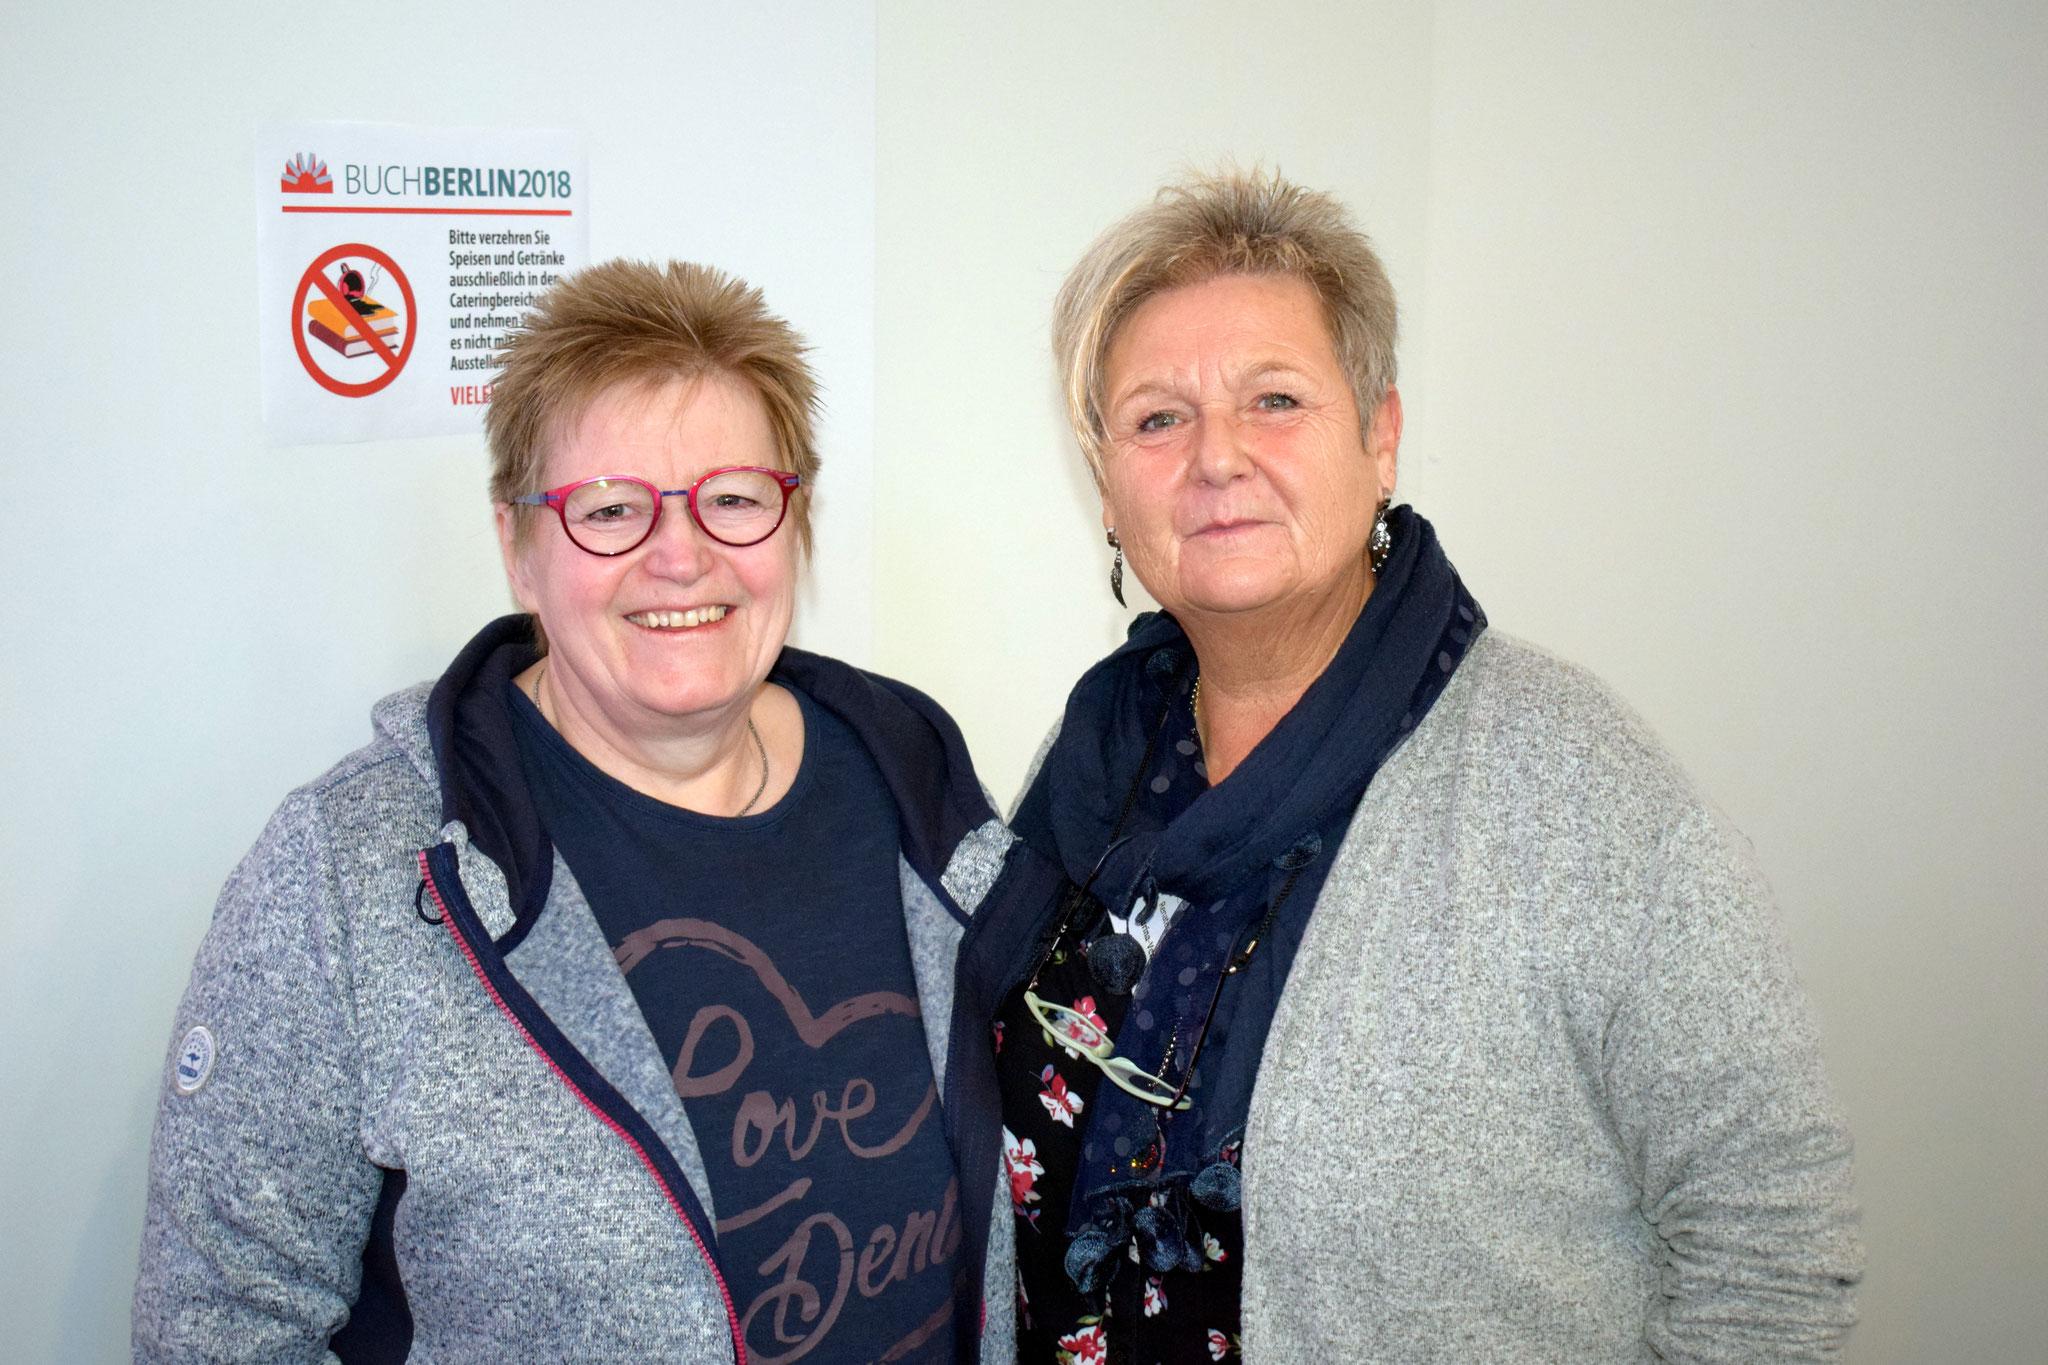 Buchmesse BuchBerlin 2018, Karina-Verlag, Renate Zawrel und Rosa Ananitschev